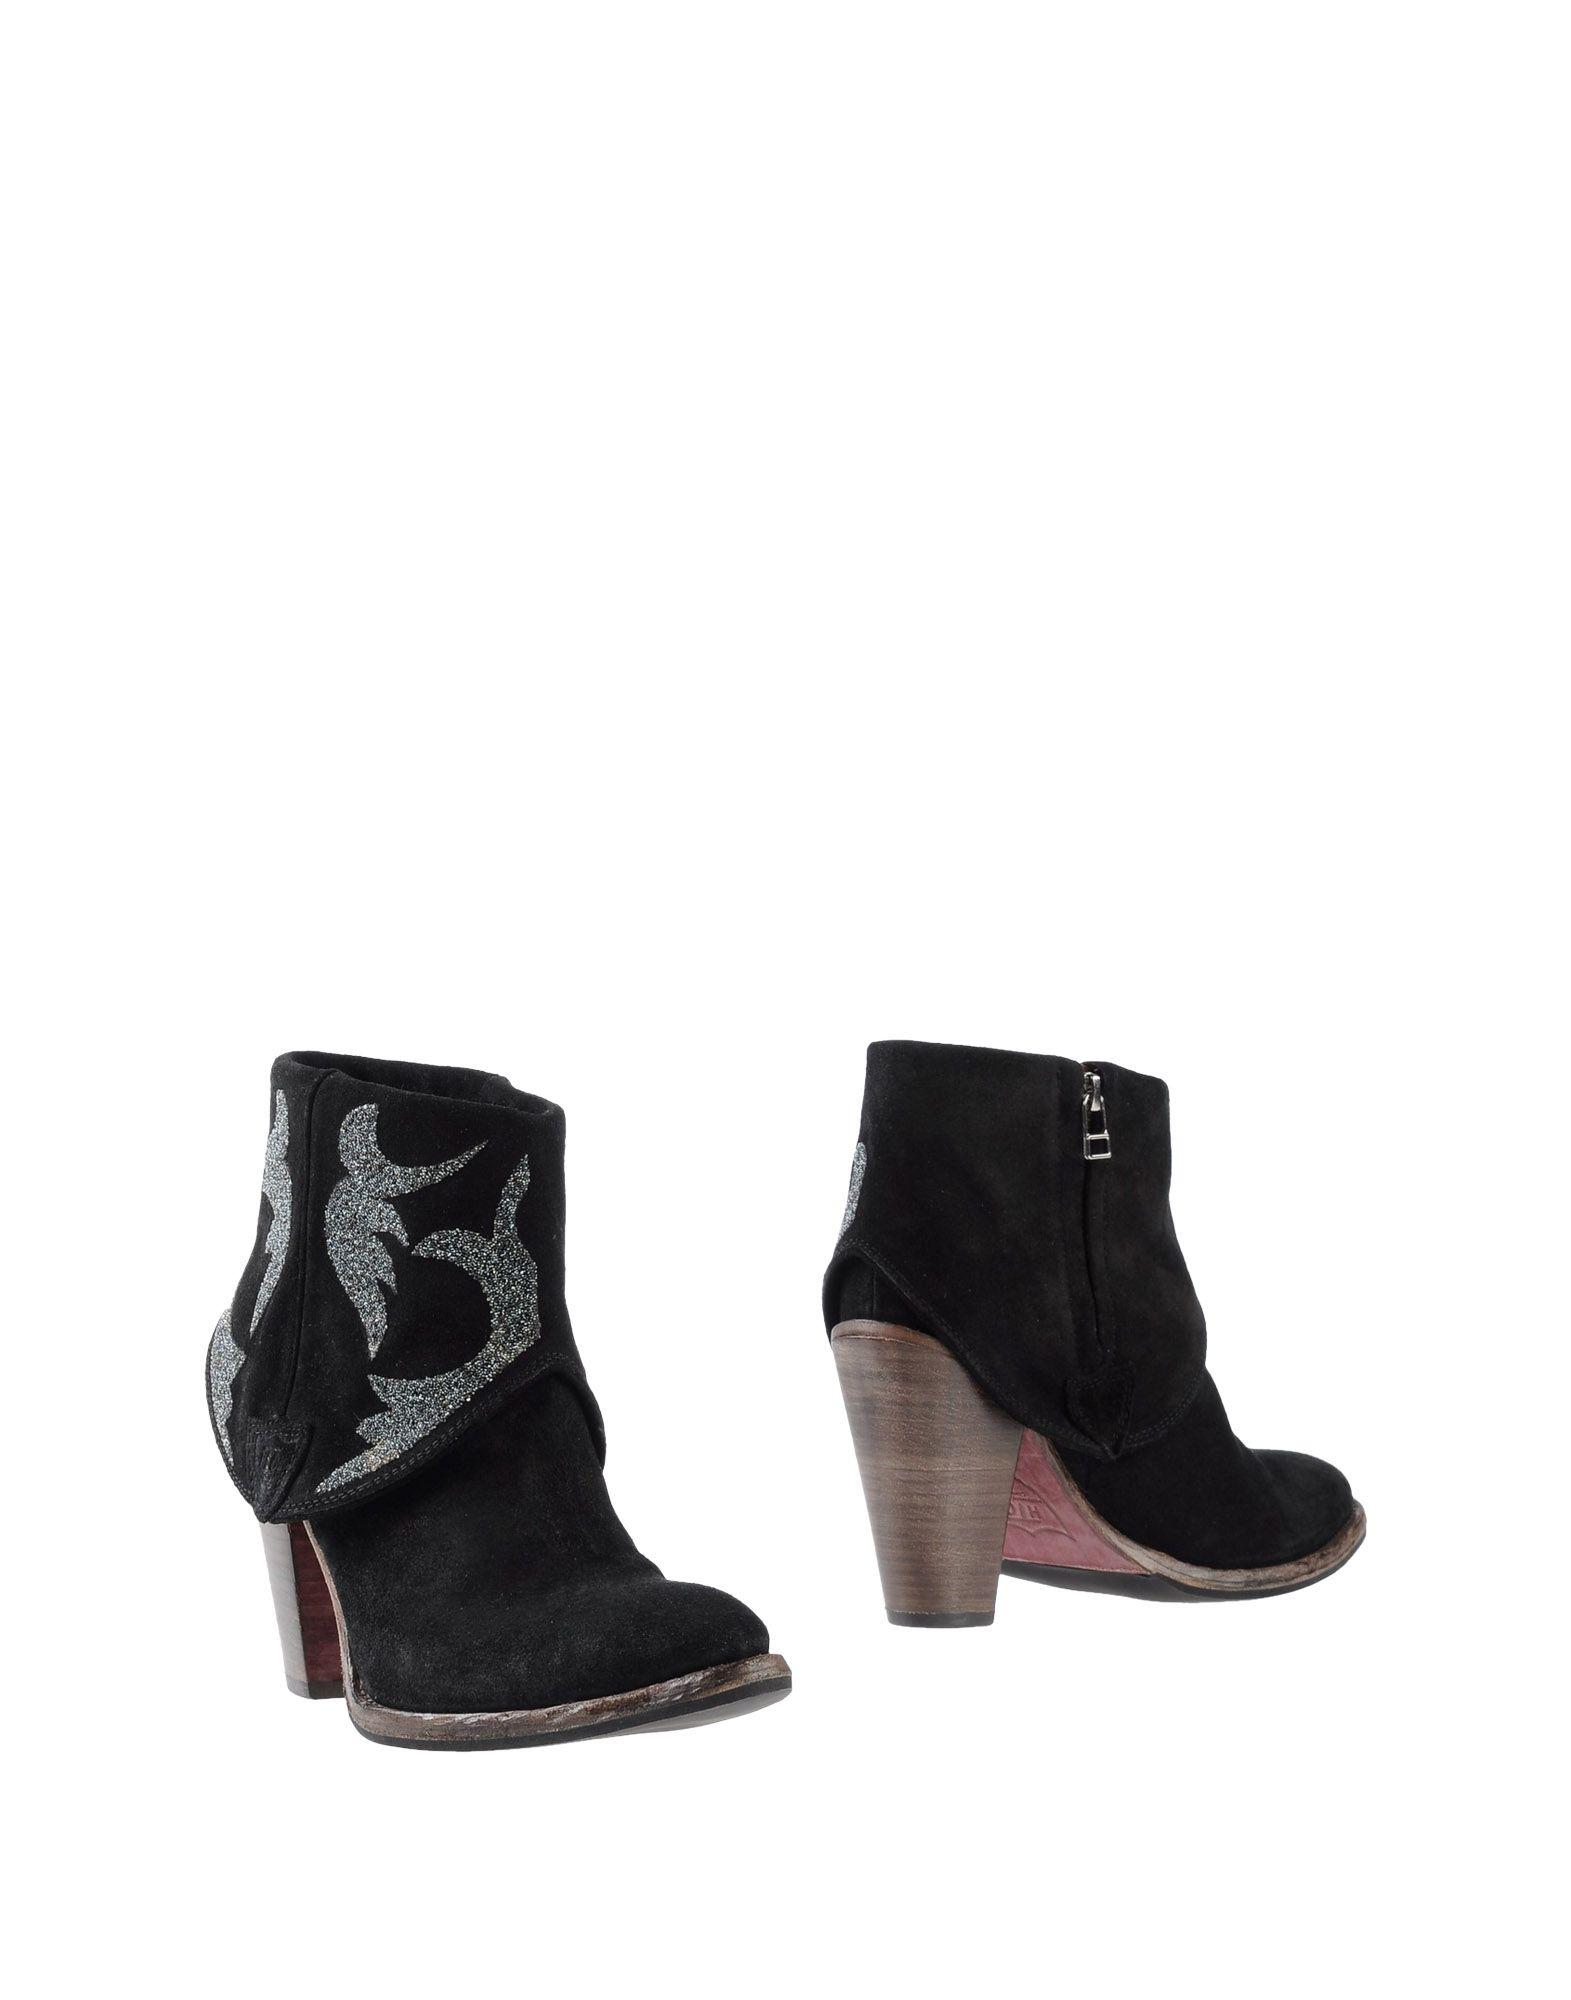 Фото - HTC Полусапоги и высокие ботинки sebastian полусапоги и высокие ботинки